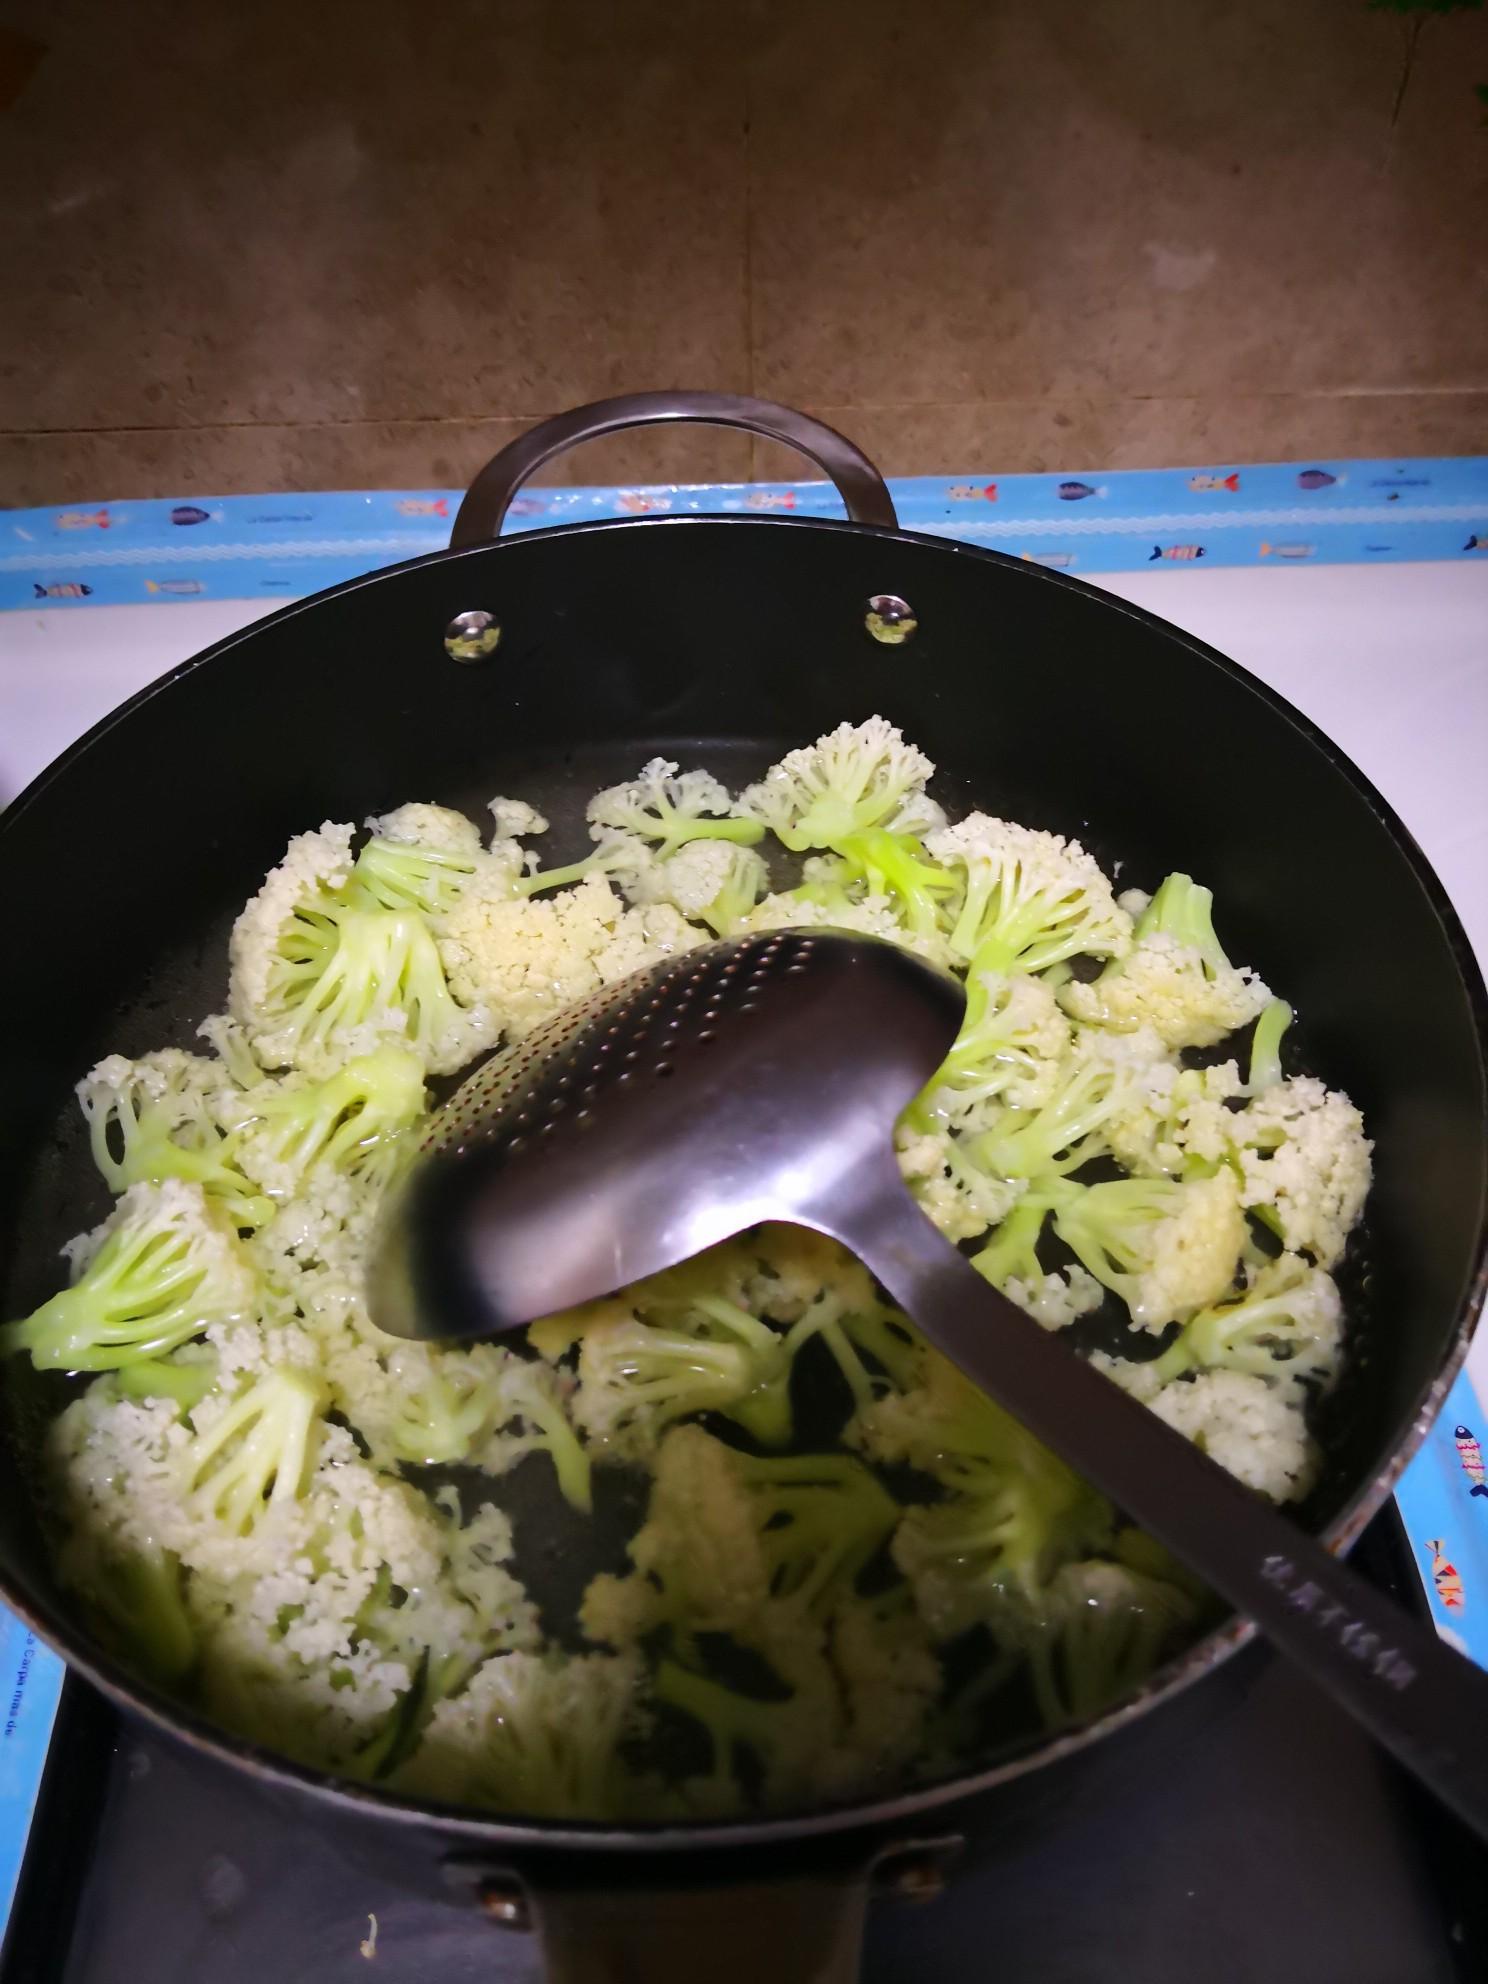 肉丝炒有机菜花的做法大全